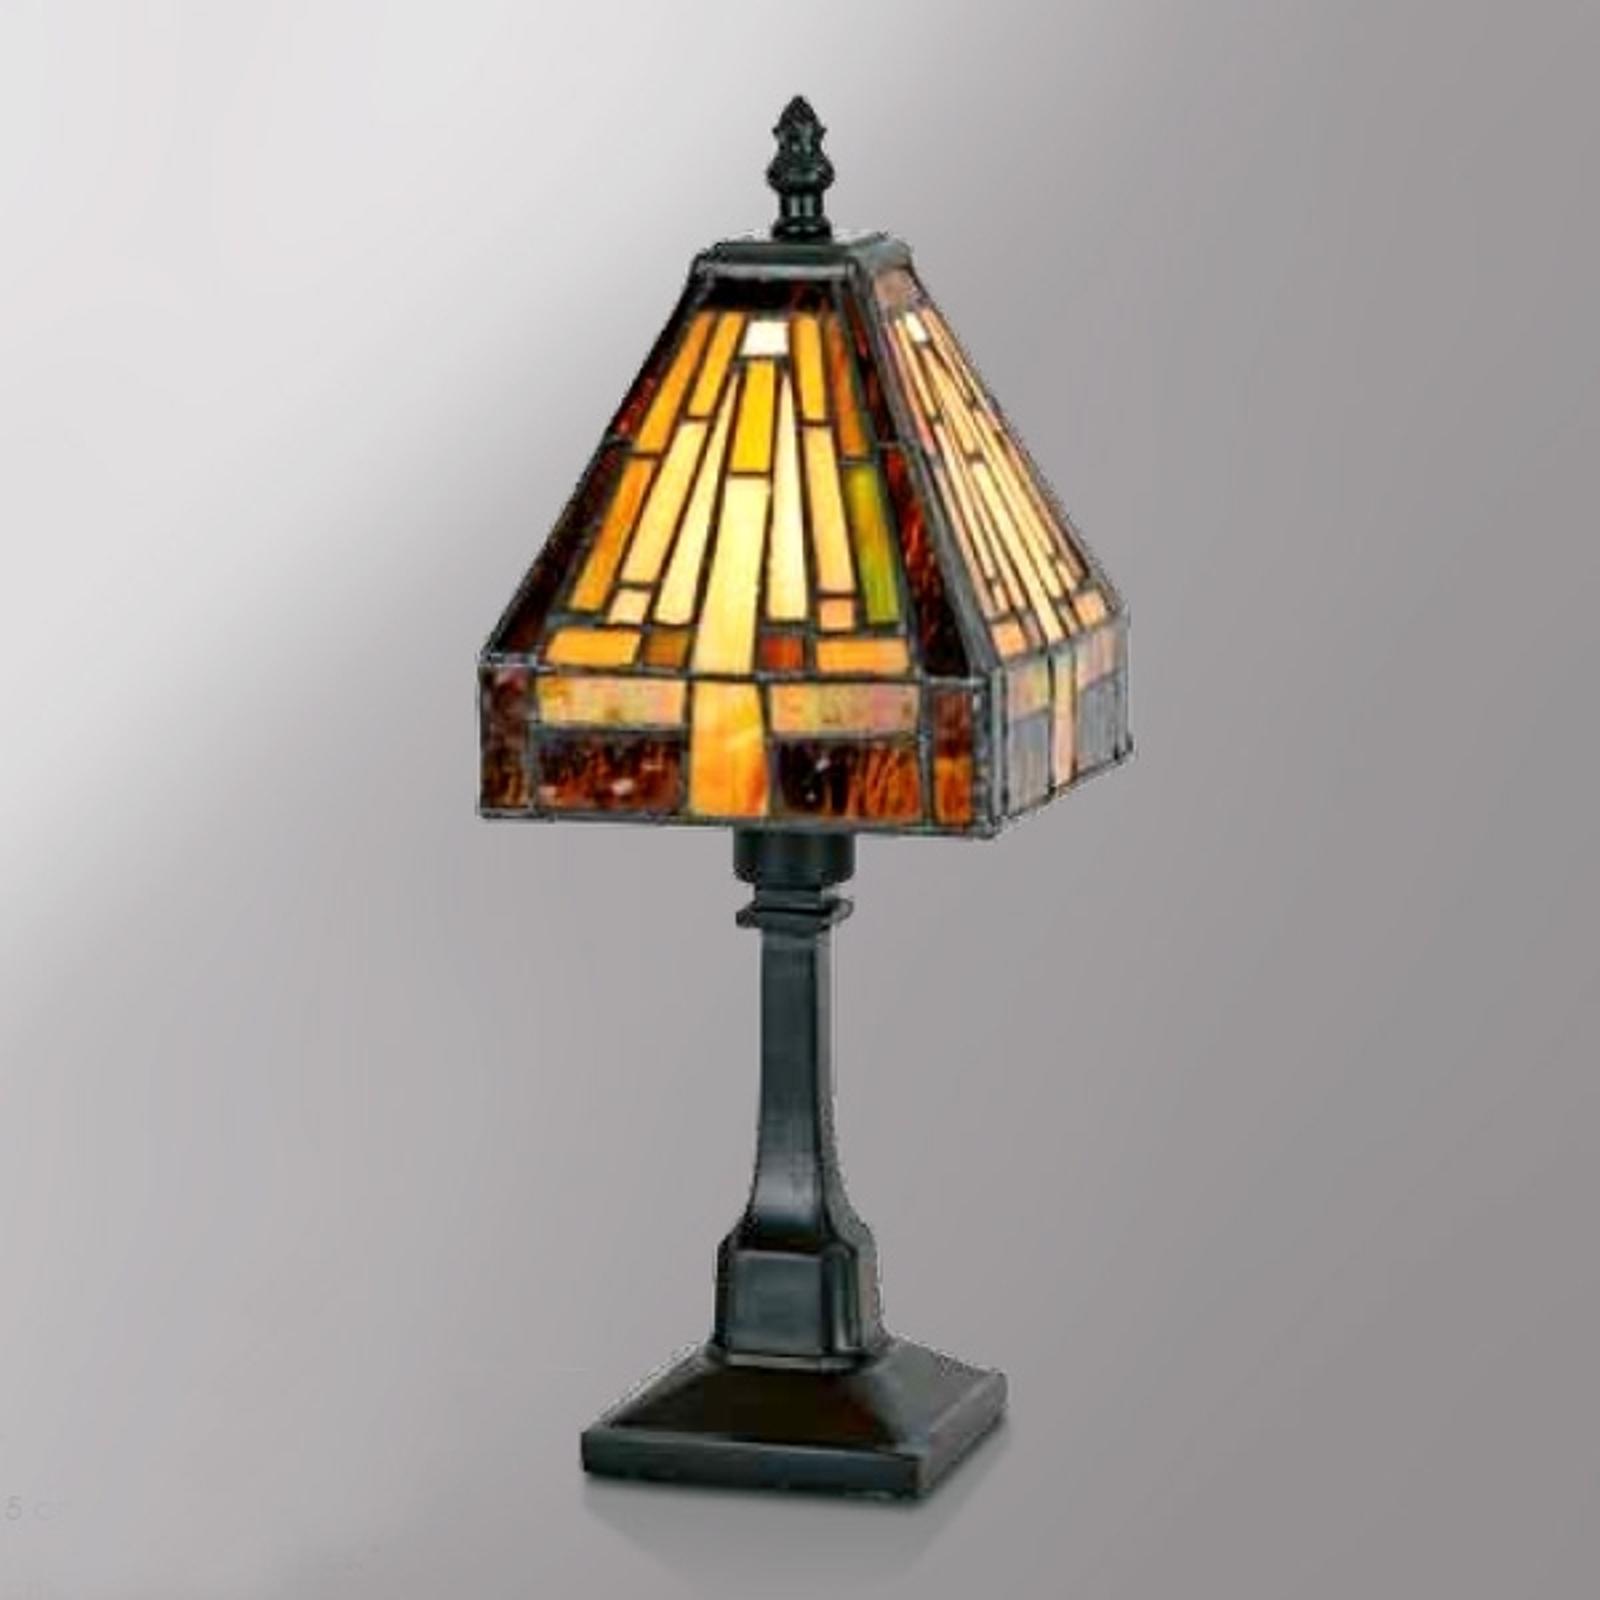 Lampa stołowa Bea w stylu Tiffany